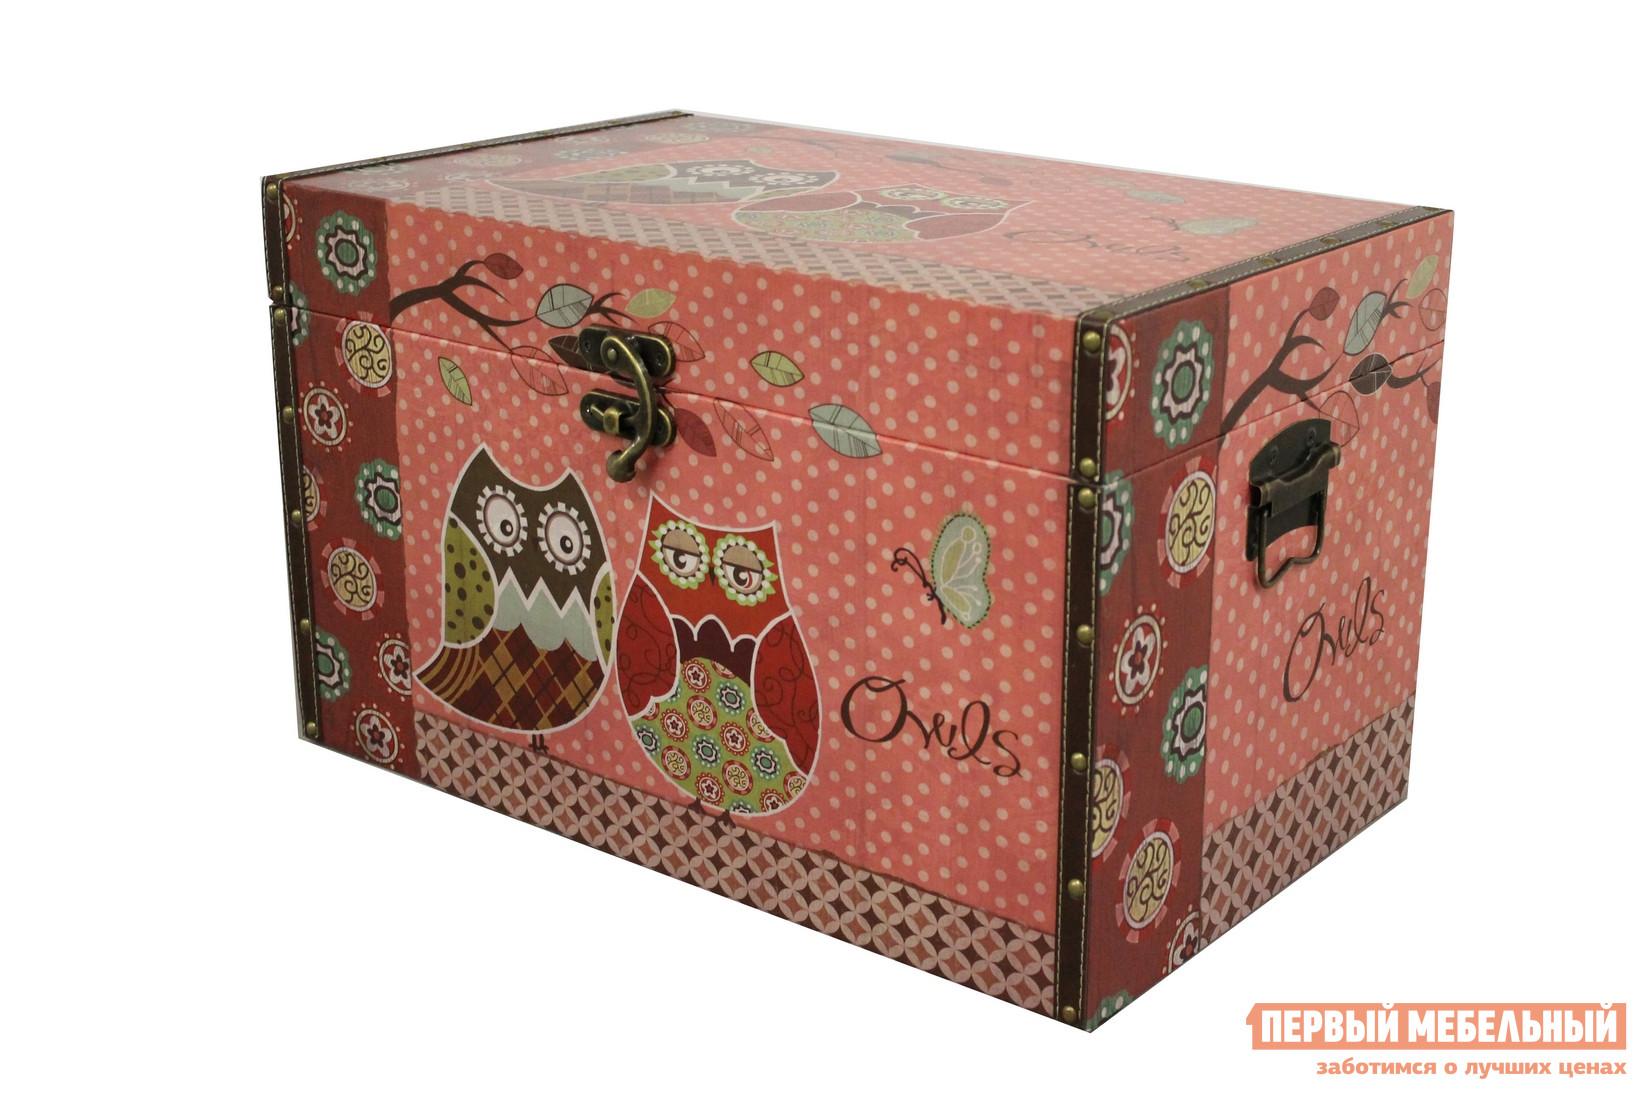 Сундук МебельТорг 2595 Большой, Розовый / Совы от Купистол